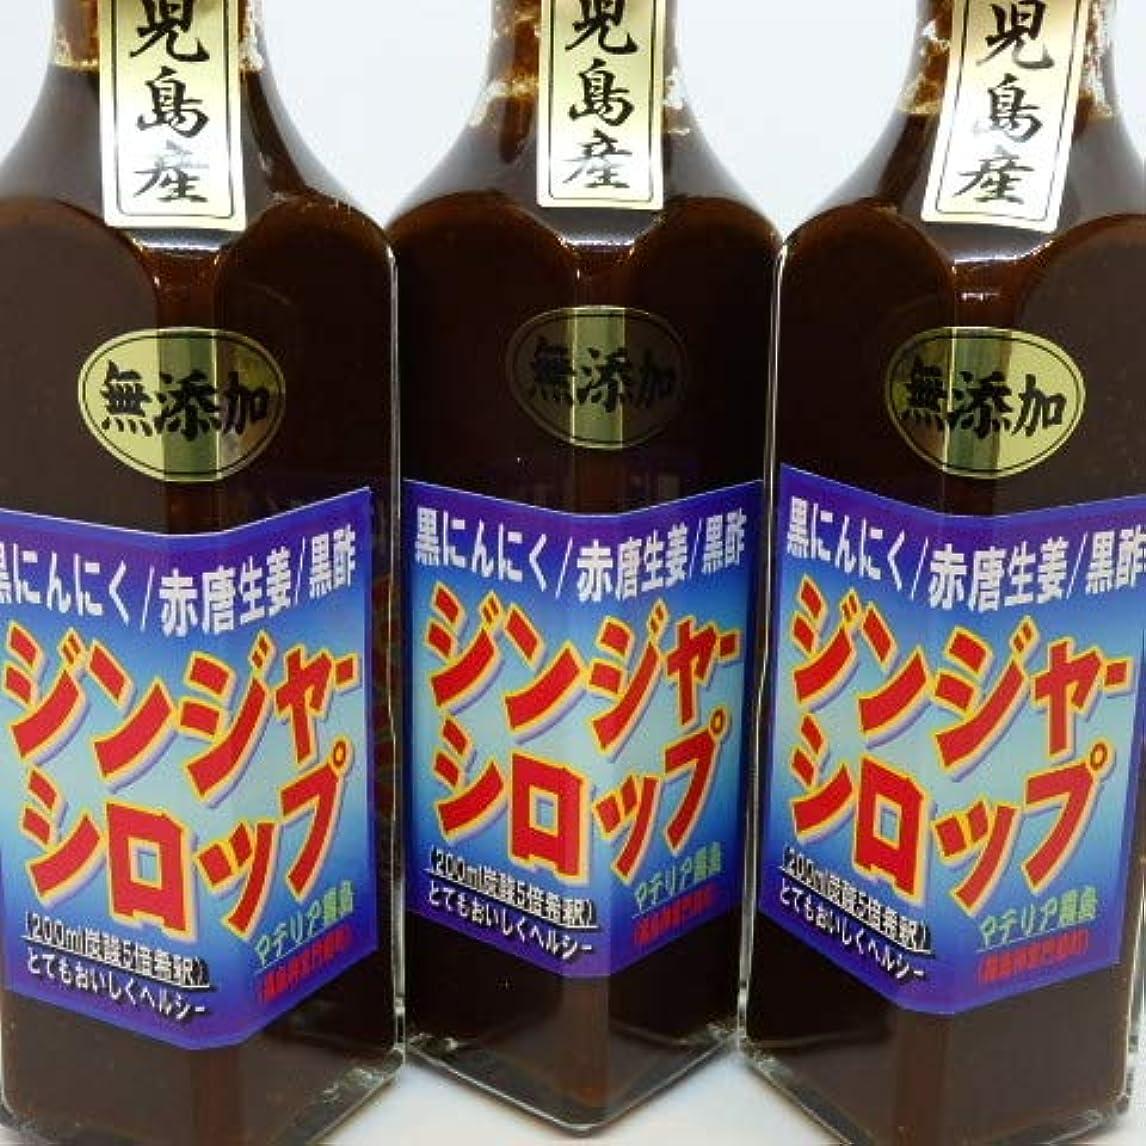 抽象化きつくガロン無添加健康食品/黒酢黒ジンジャ-/無添加/200ml×3組90日分¥10,800